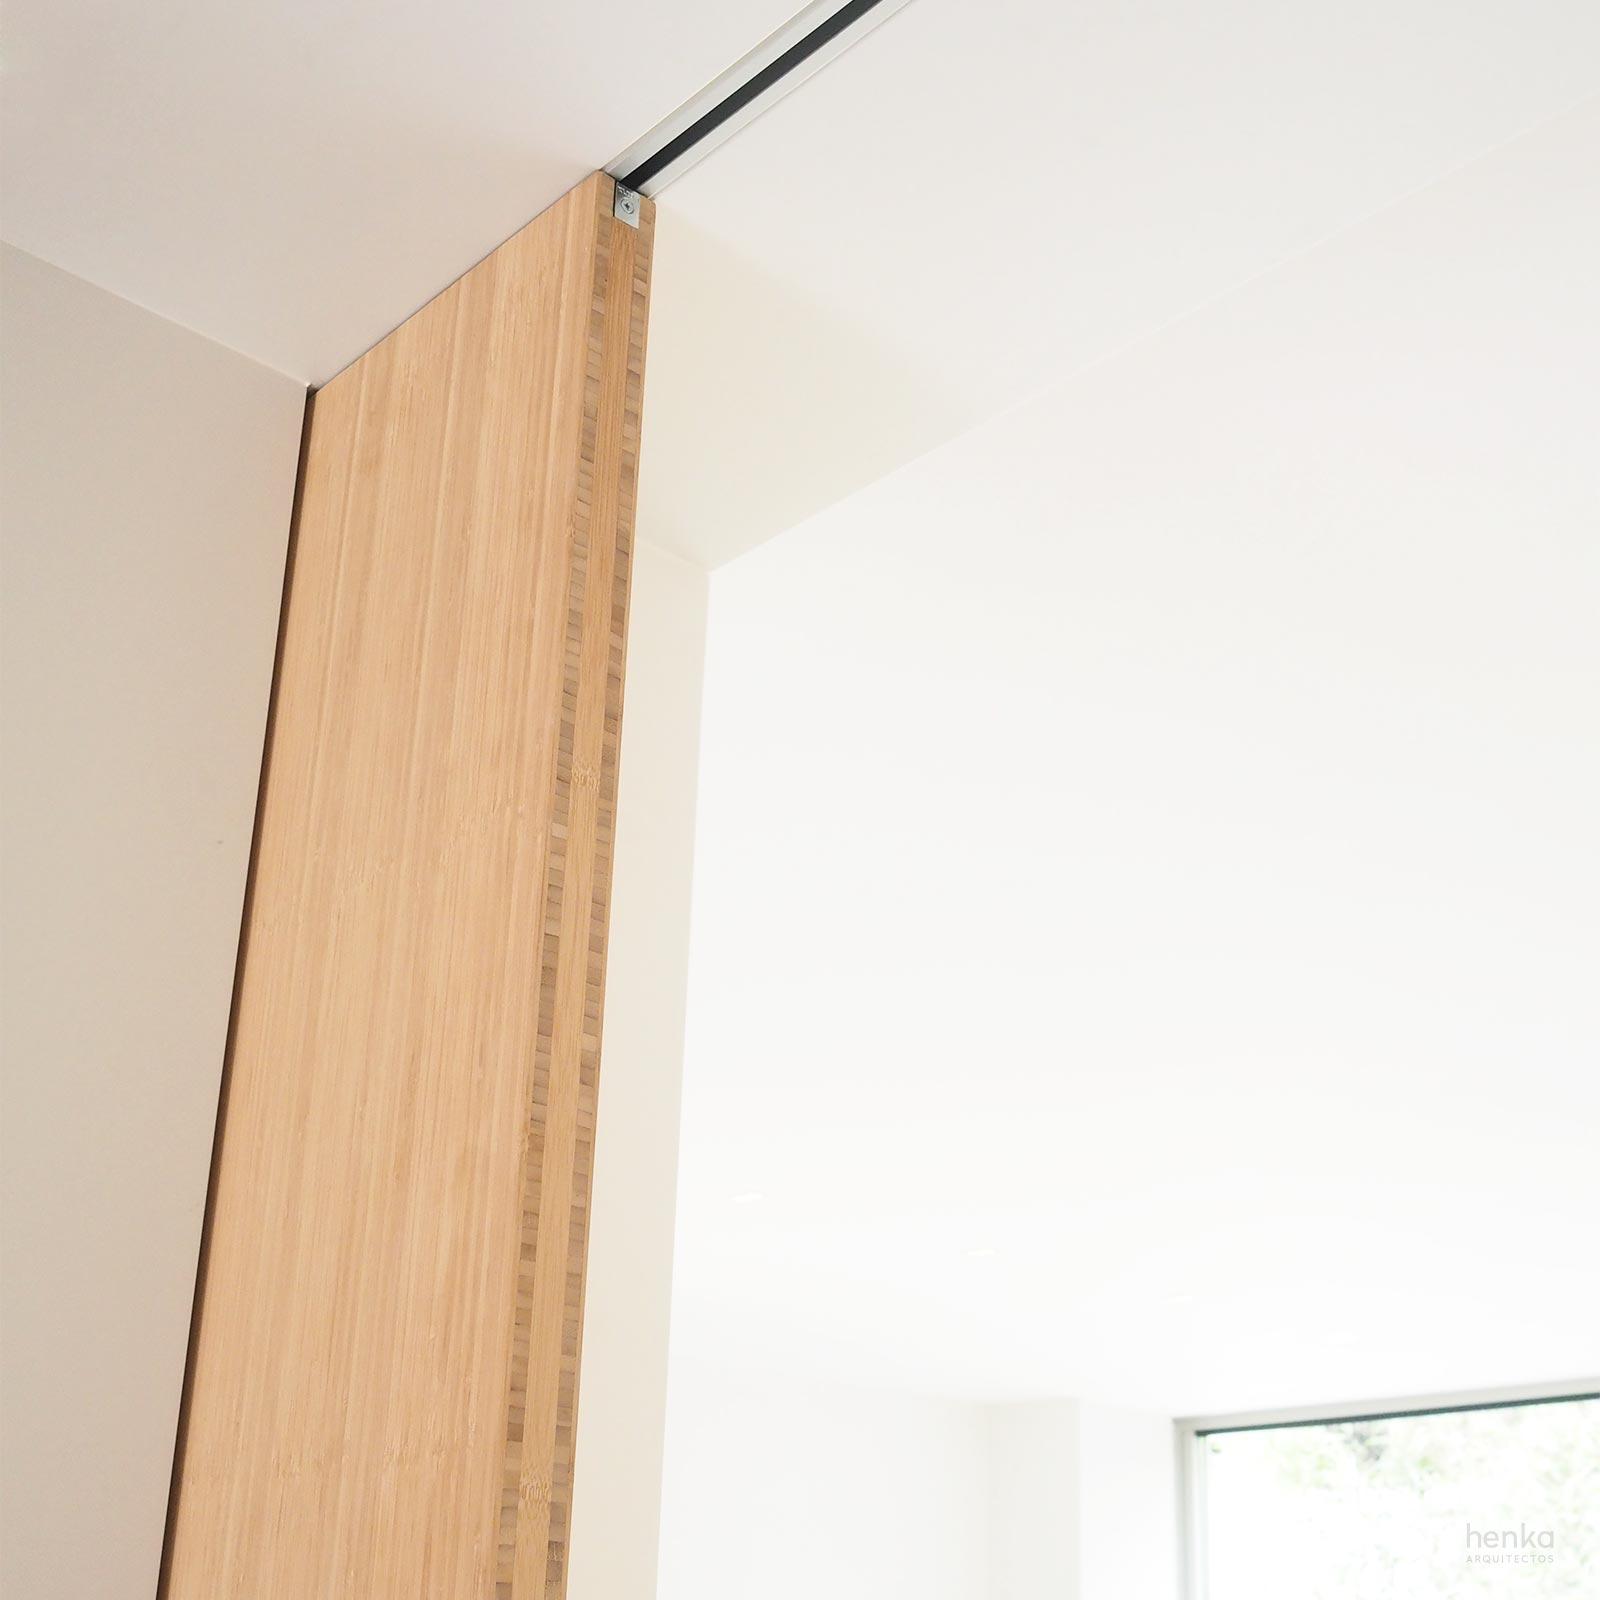 puerta corredera integrada con armarios Reforma Cabildo Valladolid Henka Arquitectos